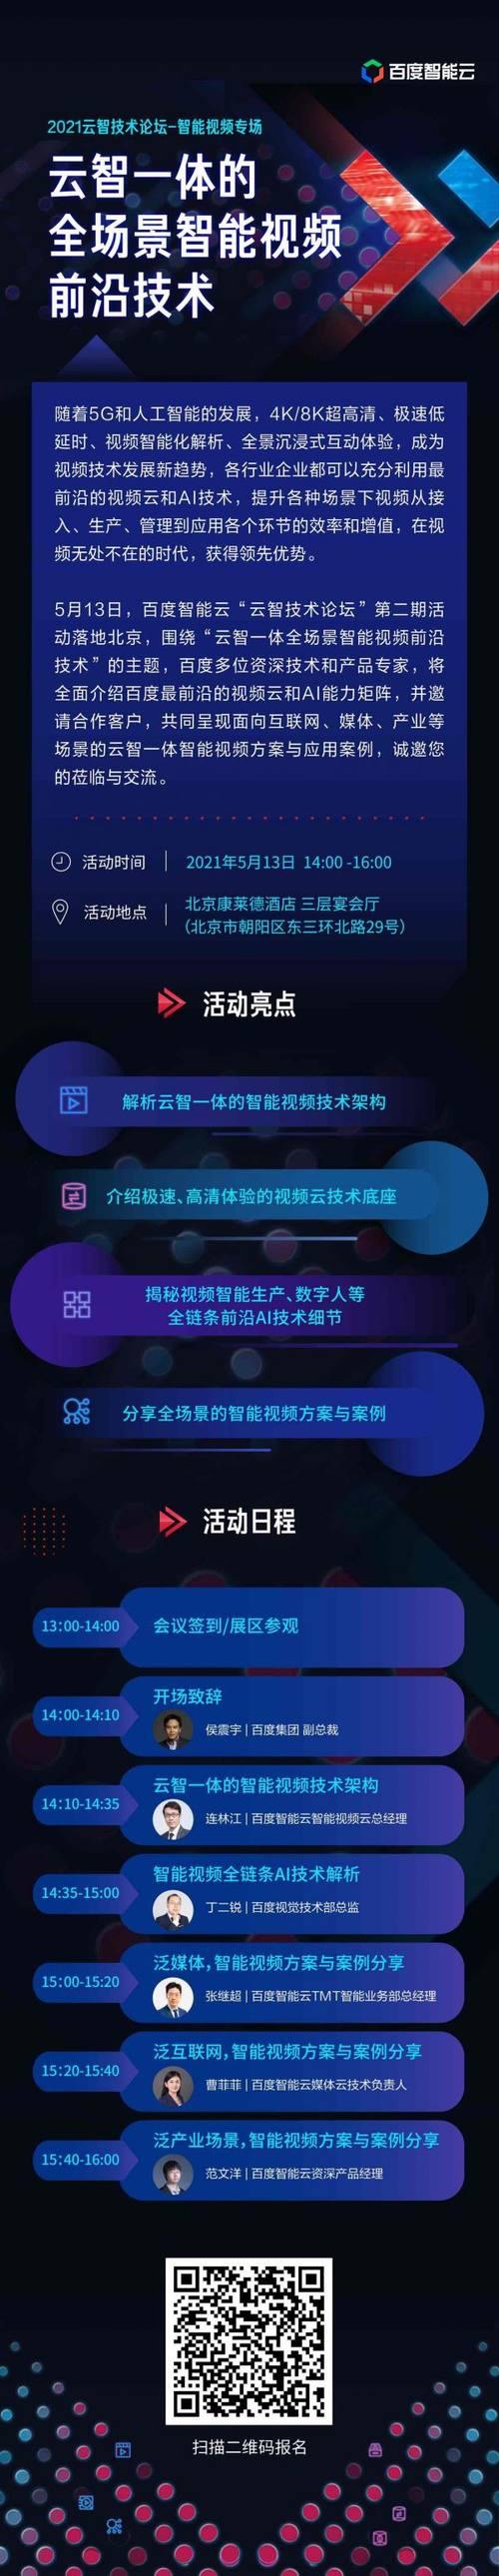 百度云智技术论坛下周在京给个永不封的网站举行干货亮点抢先看!-奇享网